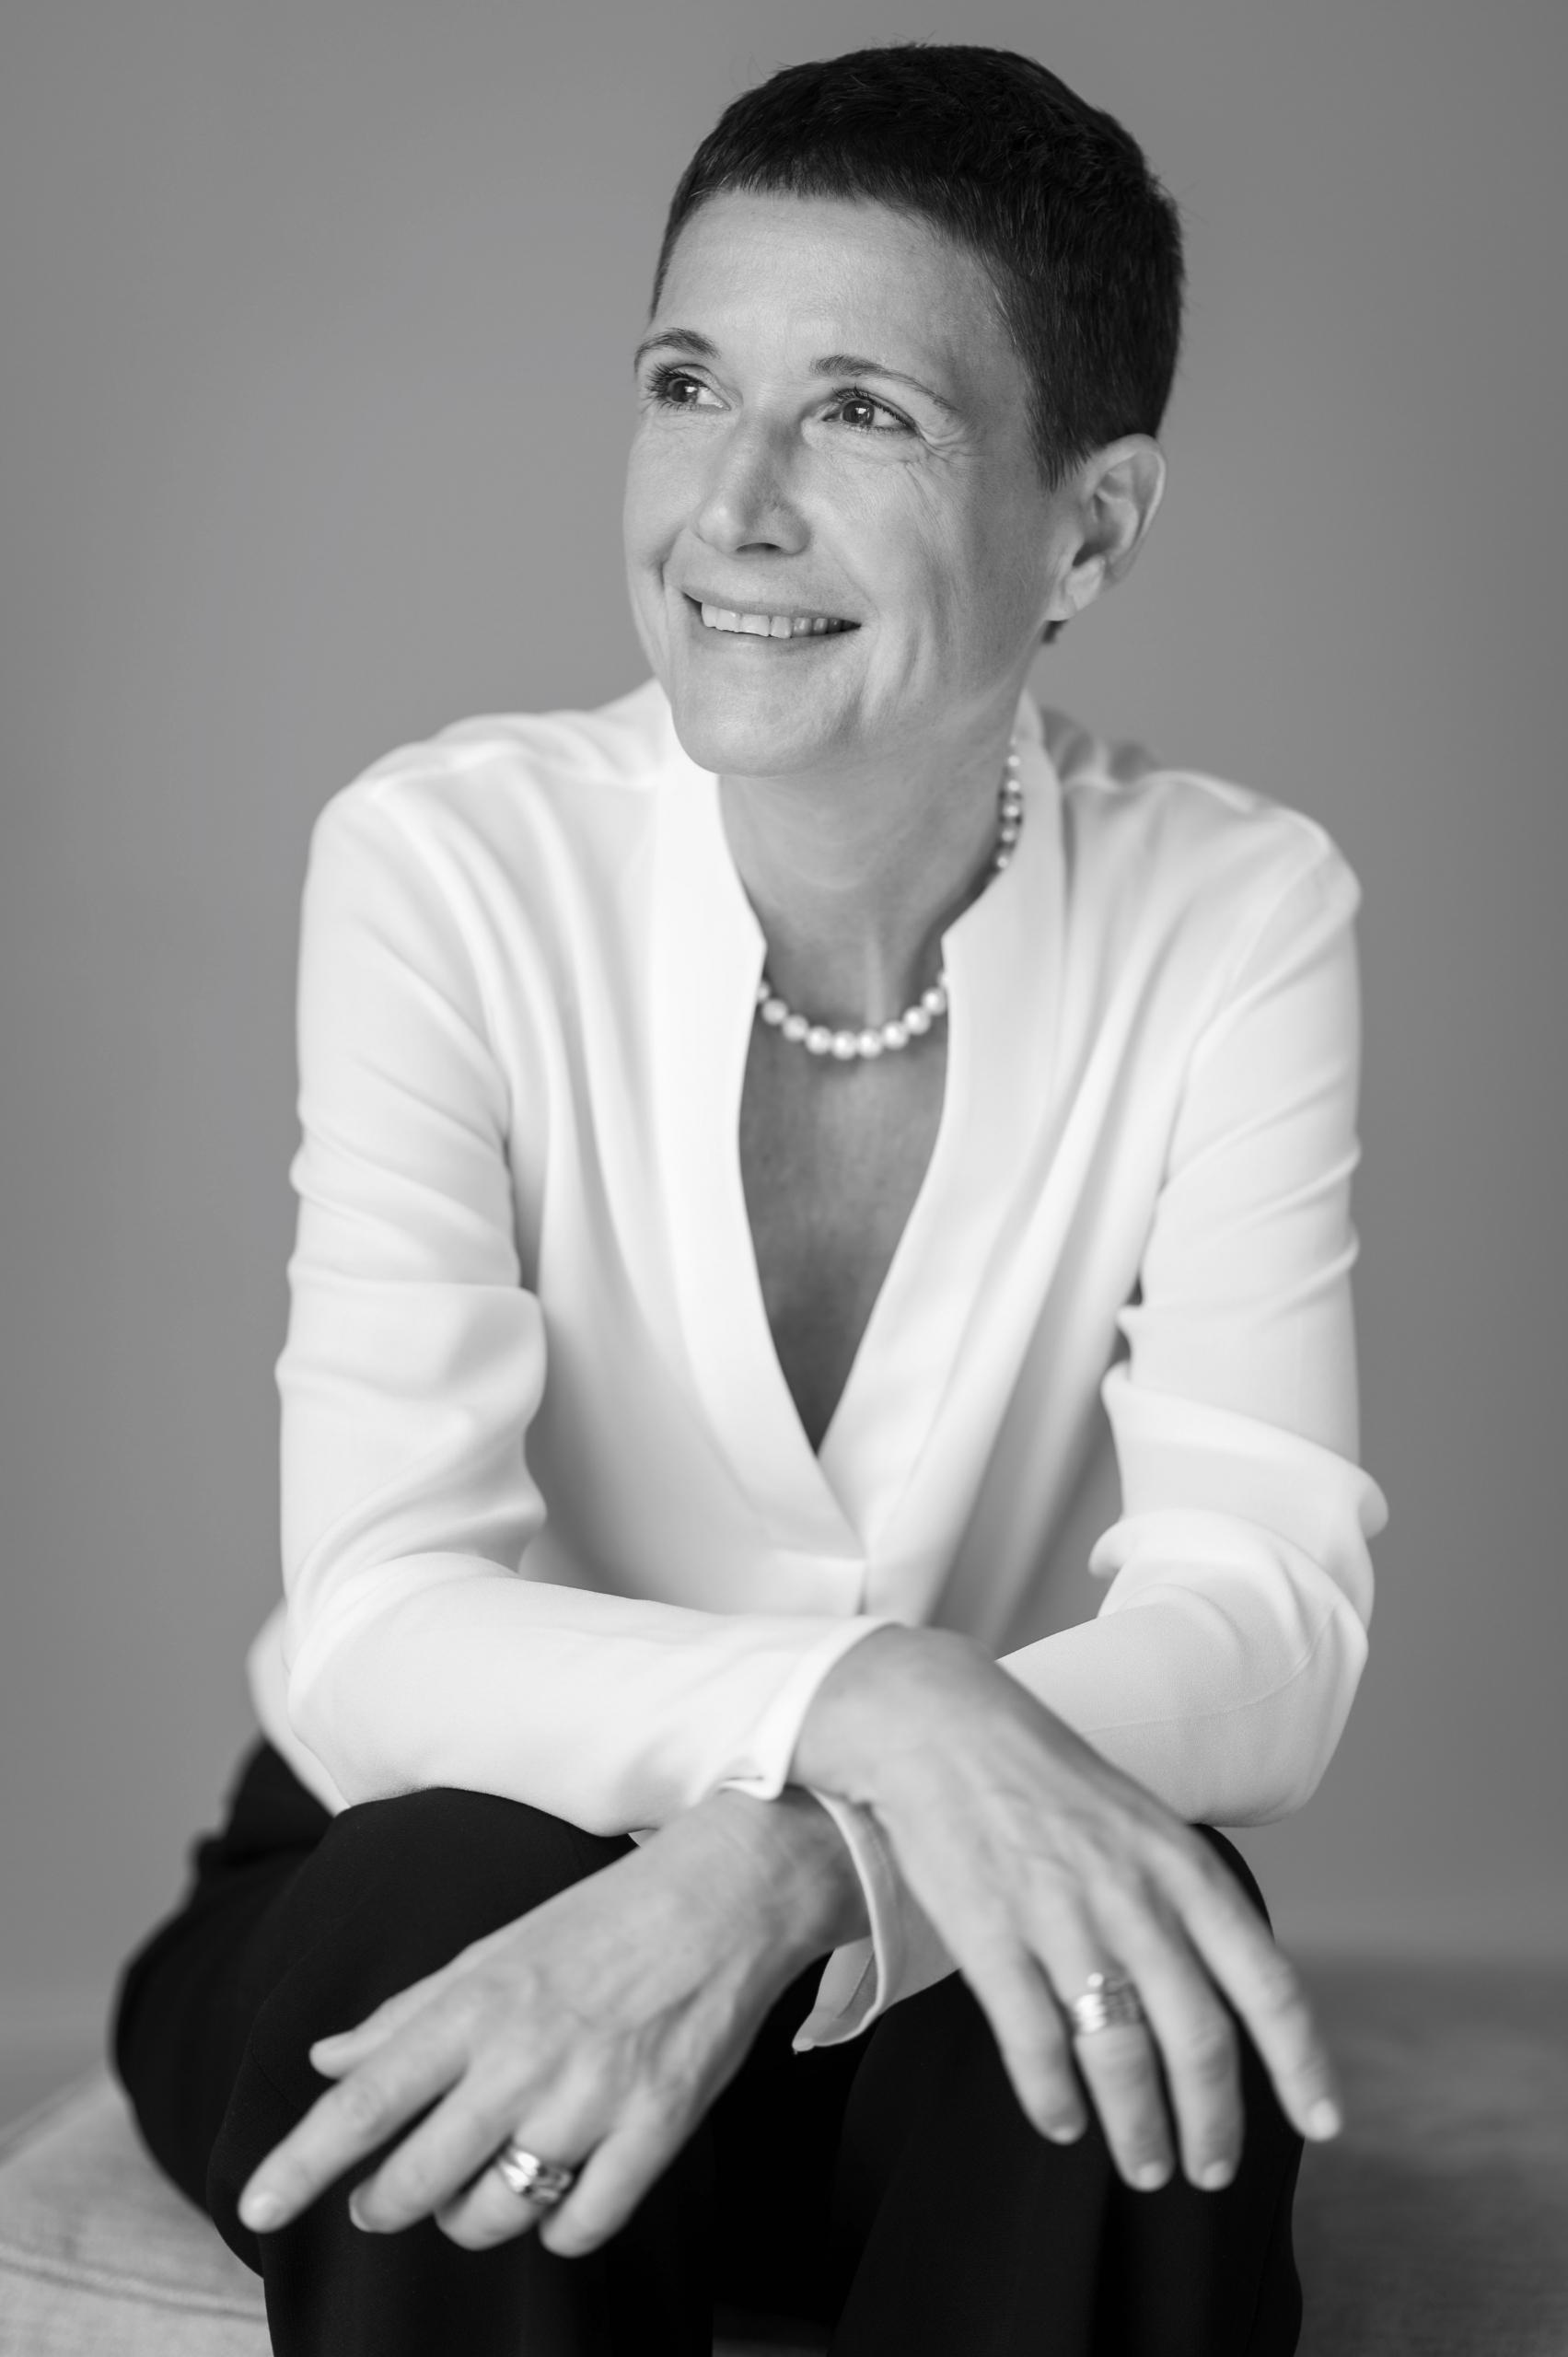 Sabine fb Lueder, Expertin für mentale Selbstführung & Gründerin des Online-Magazins DetoxDeluxe